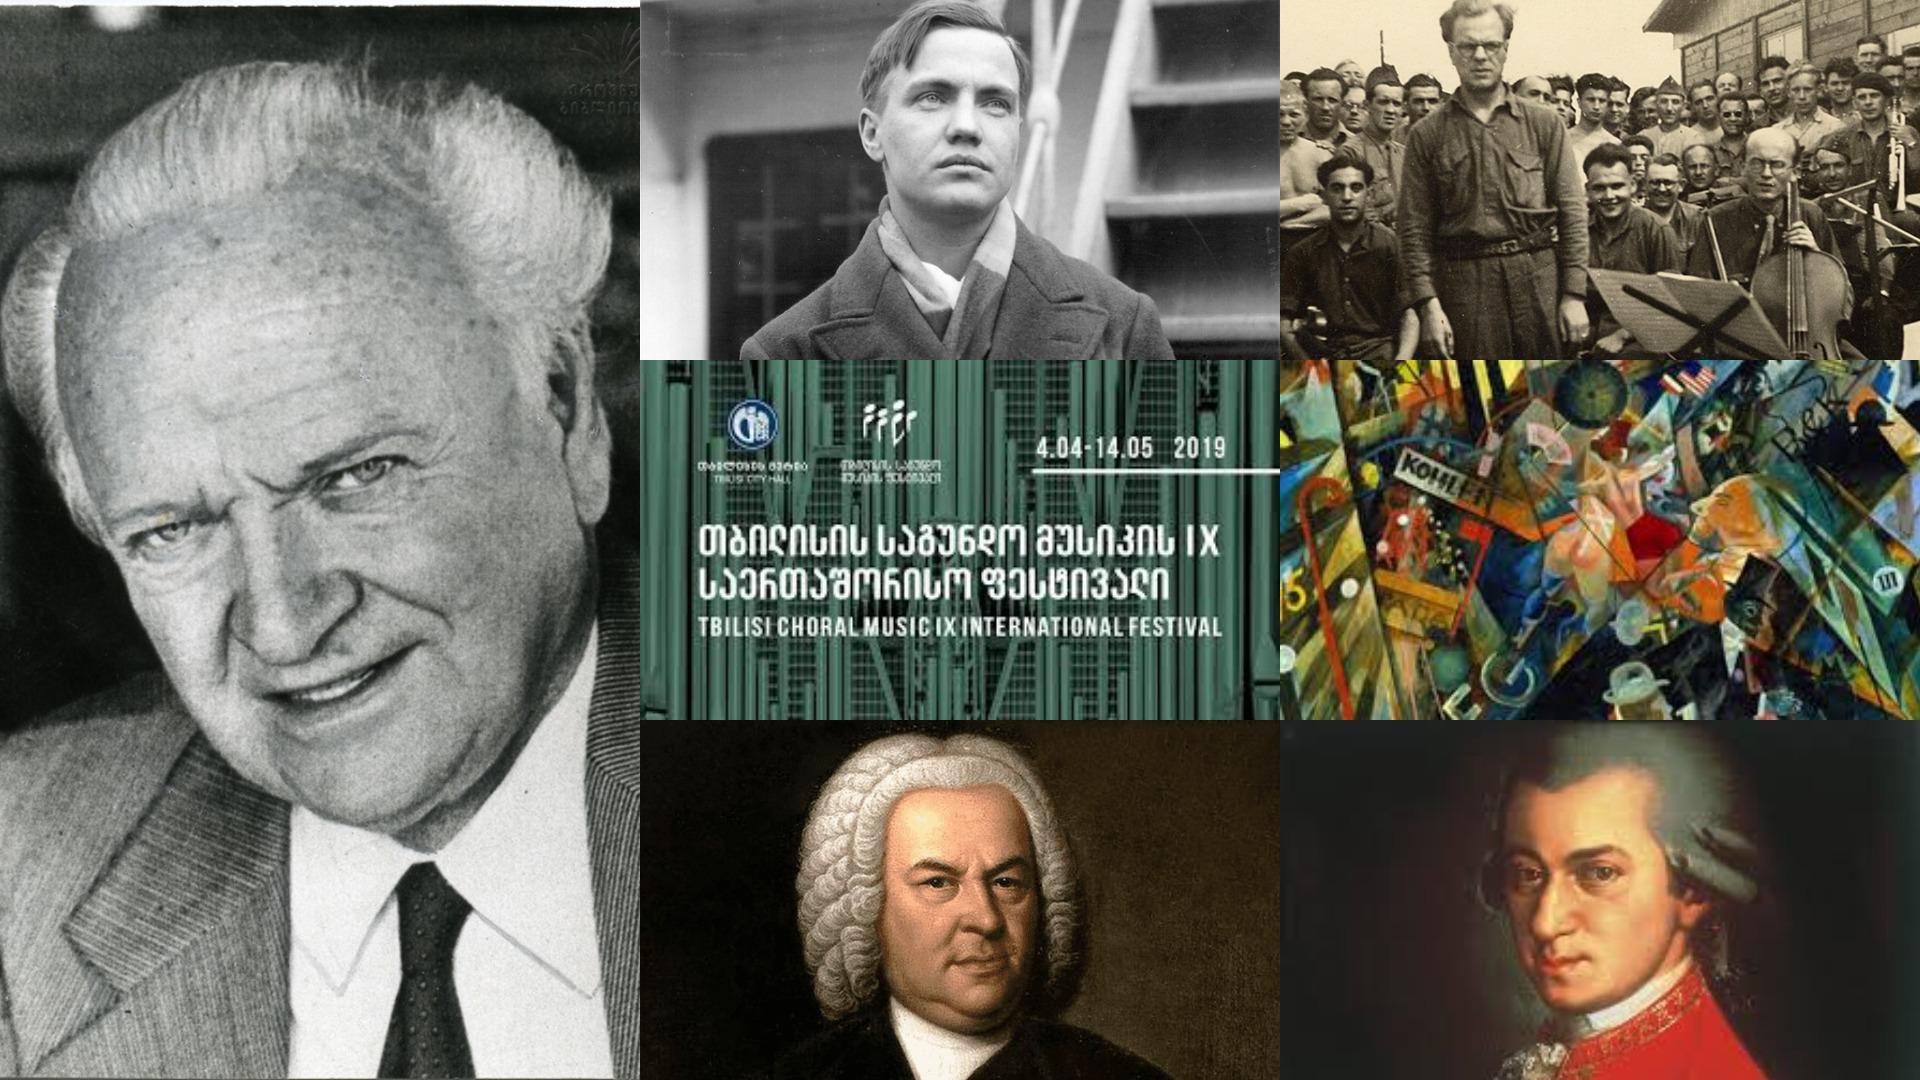 კლასიკა ყველასთვის - მუსიკალური არქივი / საგუნდო მუსიკის ფესტივალი / სხვადასხვა სტილისა და ეპოქის კლასიკური მუსიკა